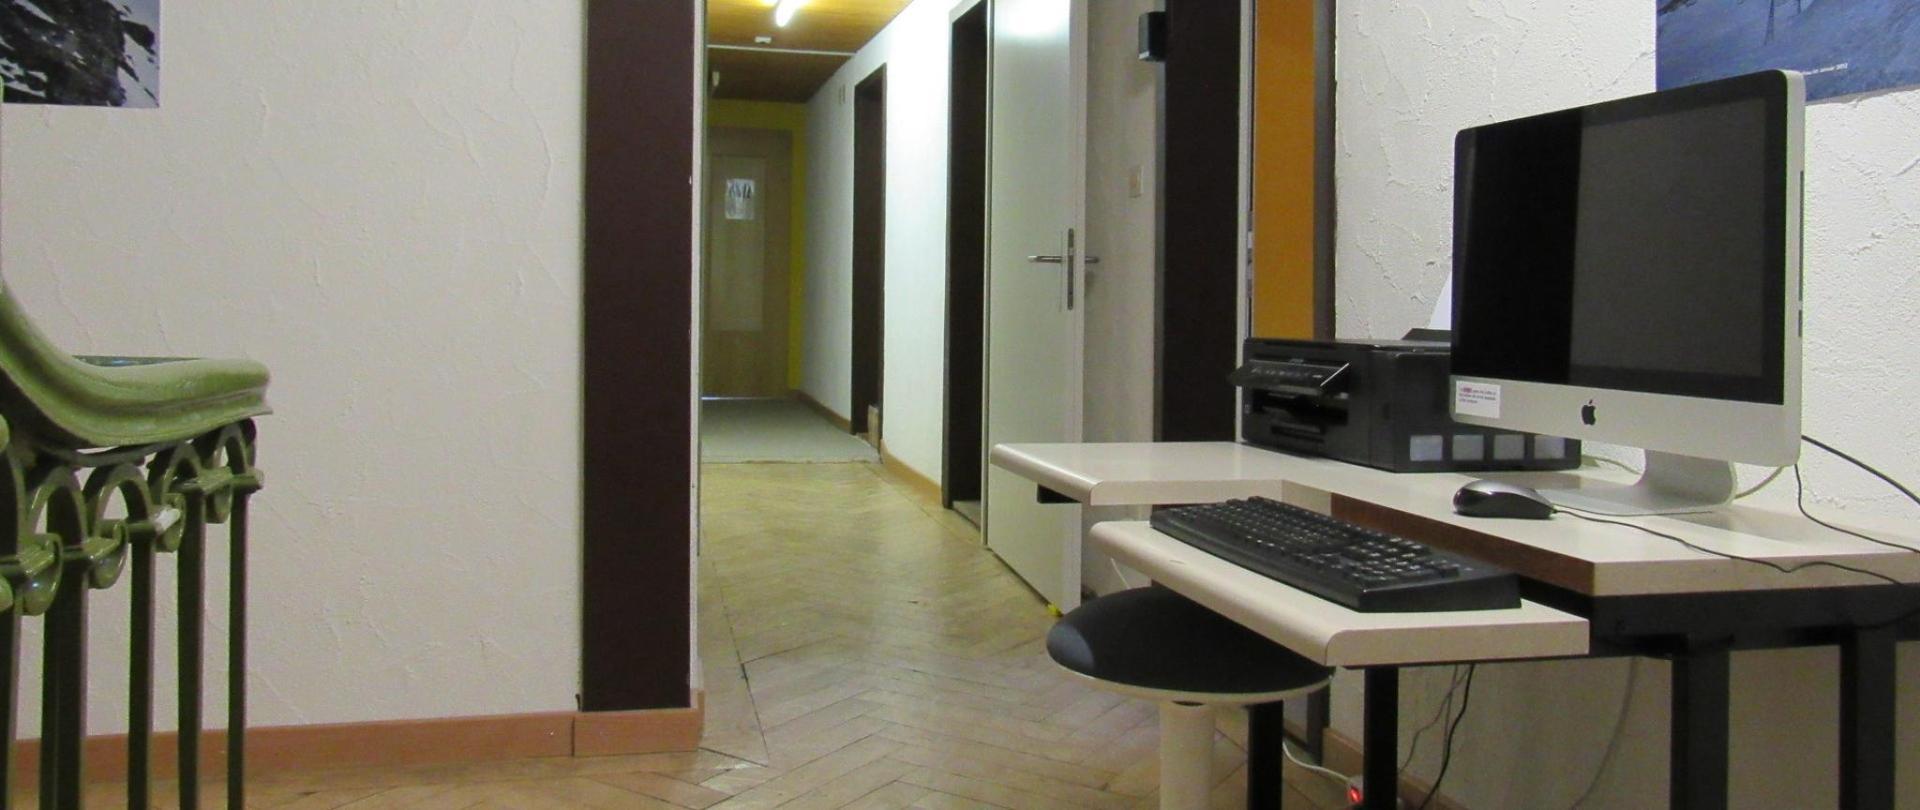 downtownhostel-interlaken_02.jpg